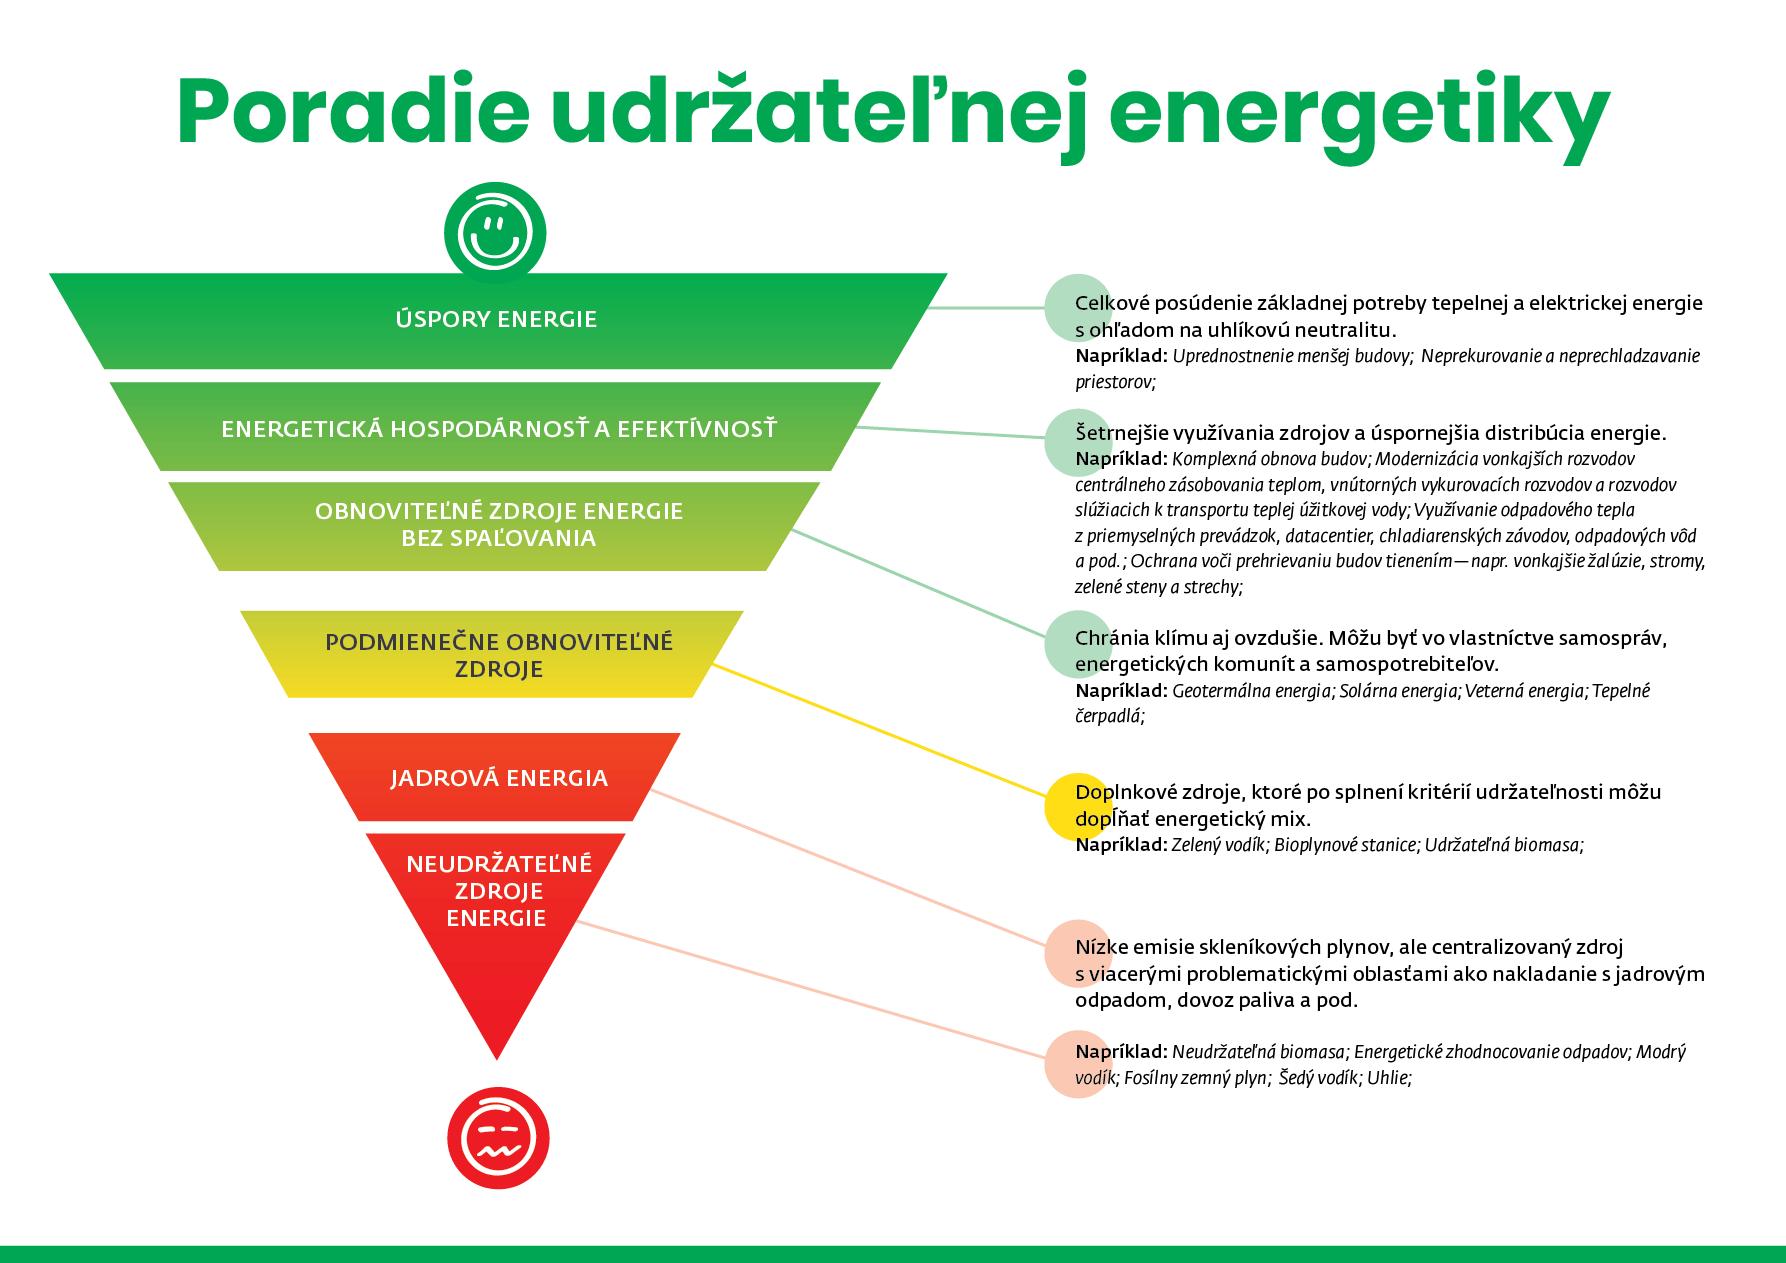 cepa-infografika-pyramida-05401.5x.png?ssl=1